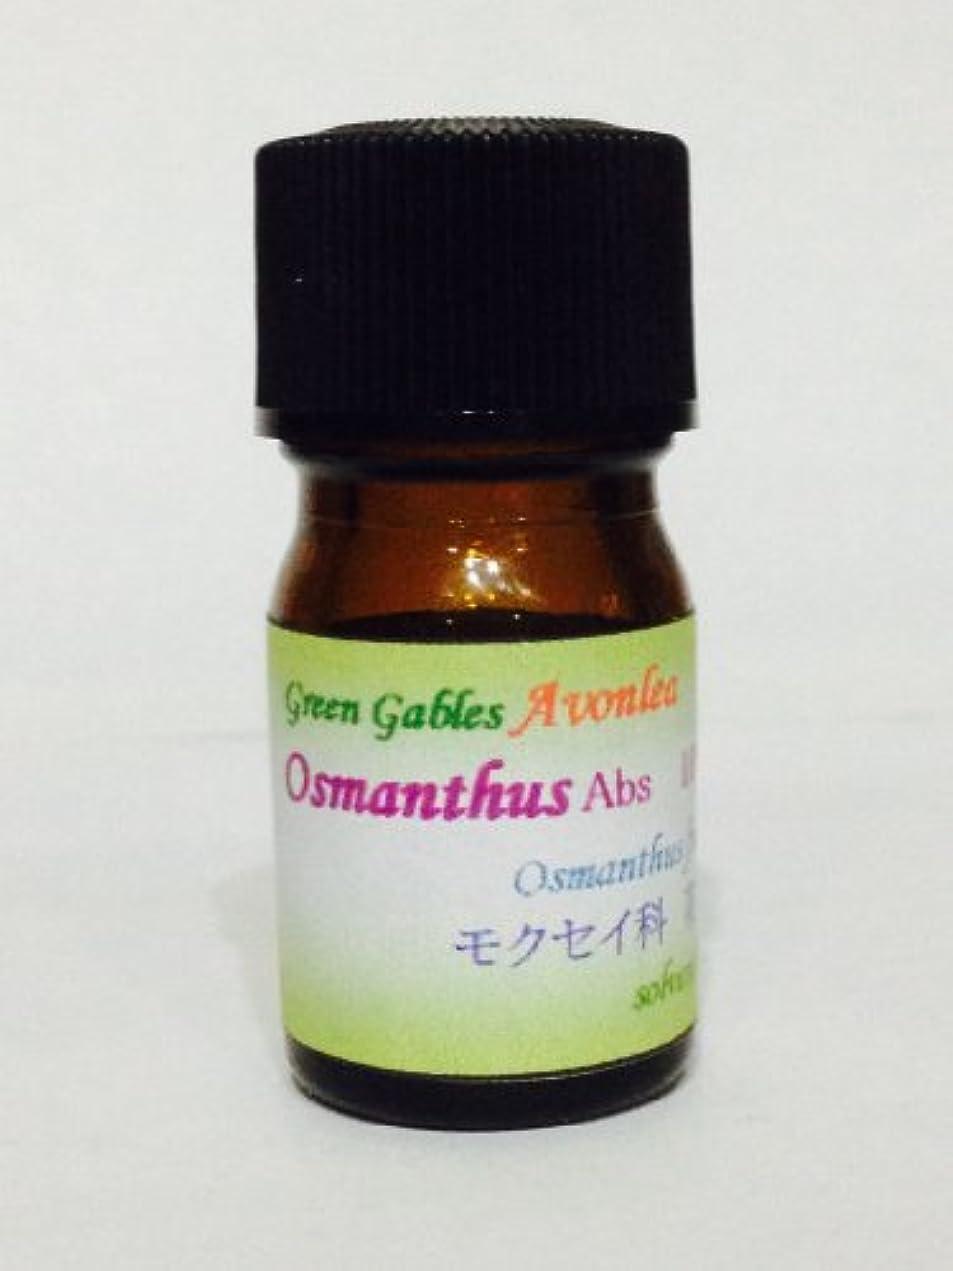 バタフライ番目アノイキンモクセイAbs 10% エッセンシャルオイル 精油 10ml